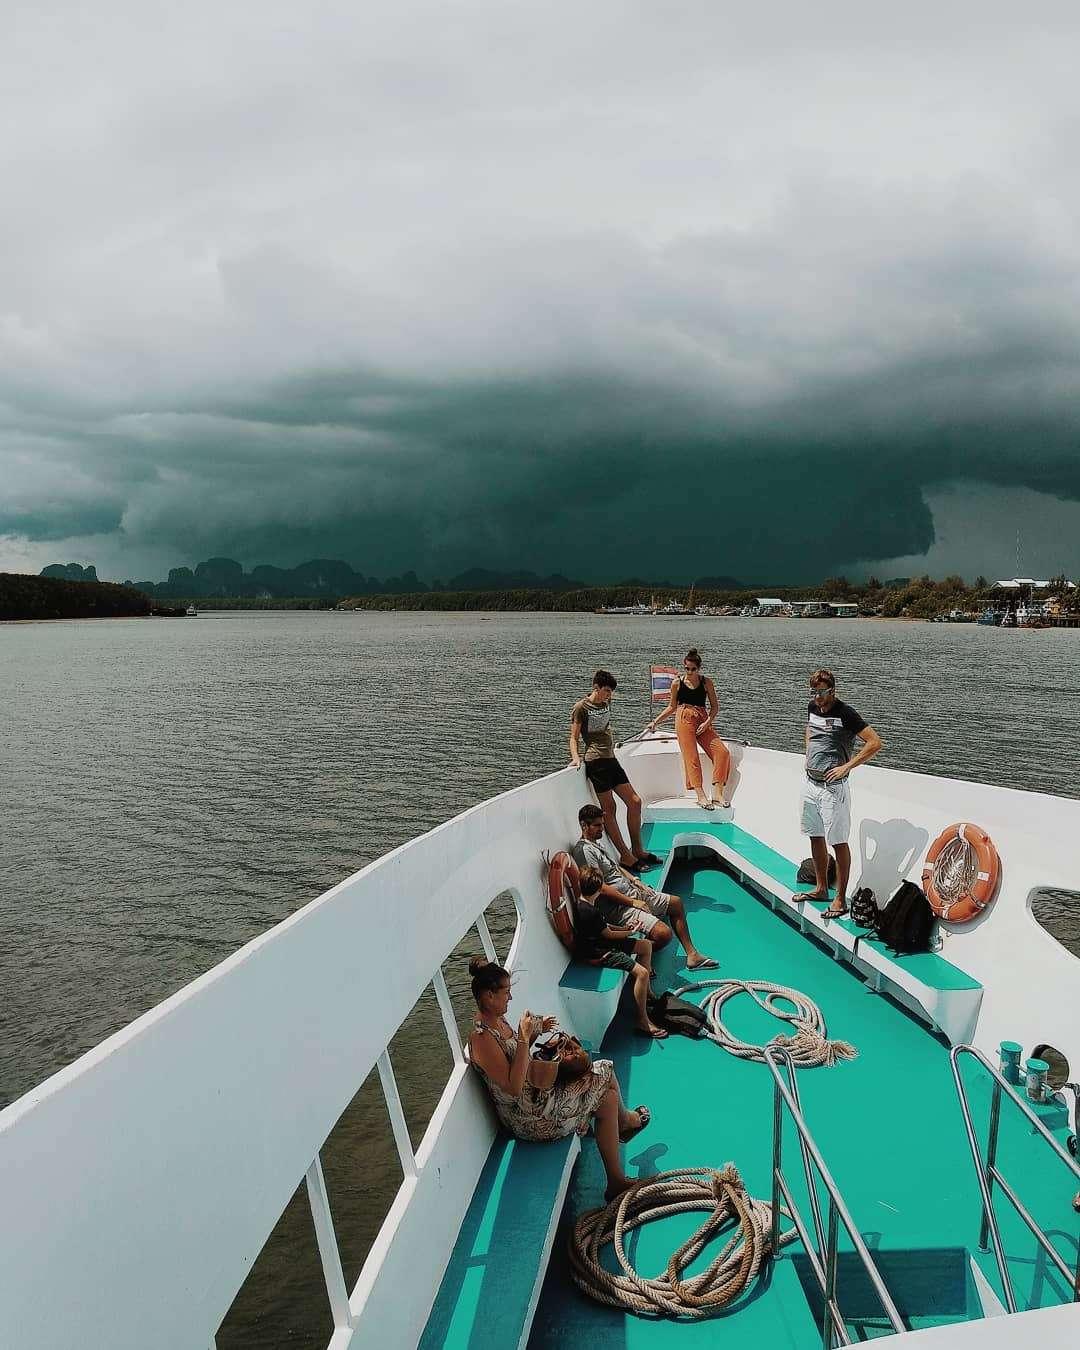 Grote regenwolk in de verte op Koh Phi Phi gezien vanaf de veerboot